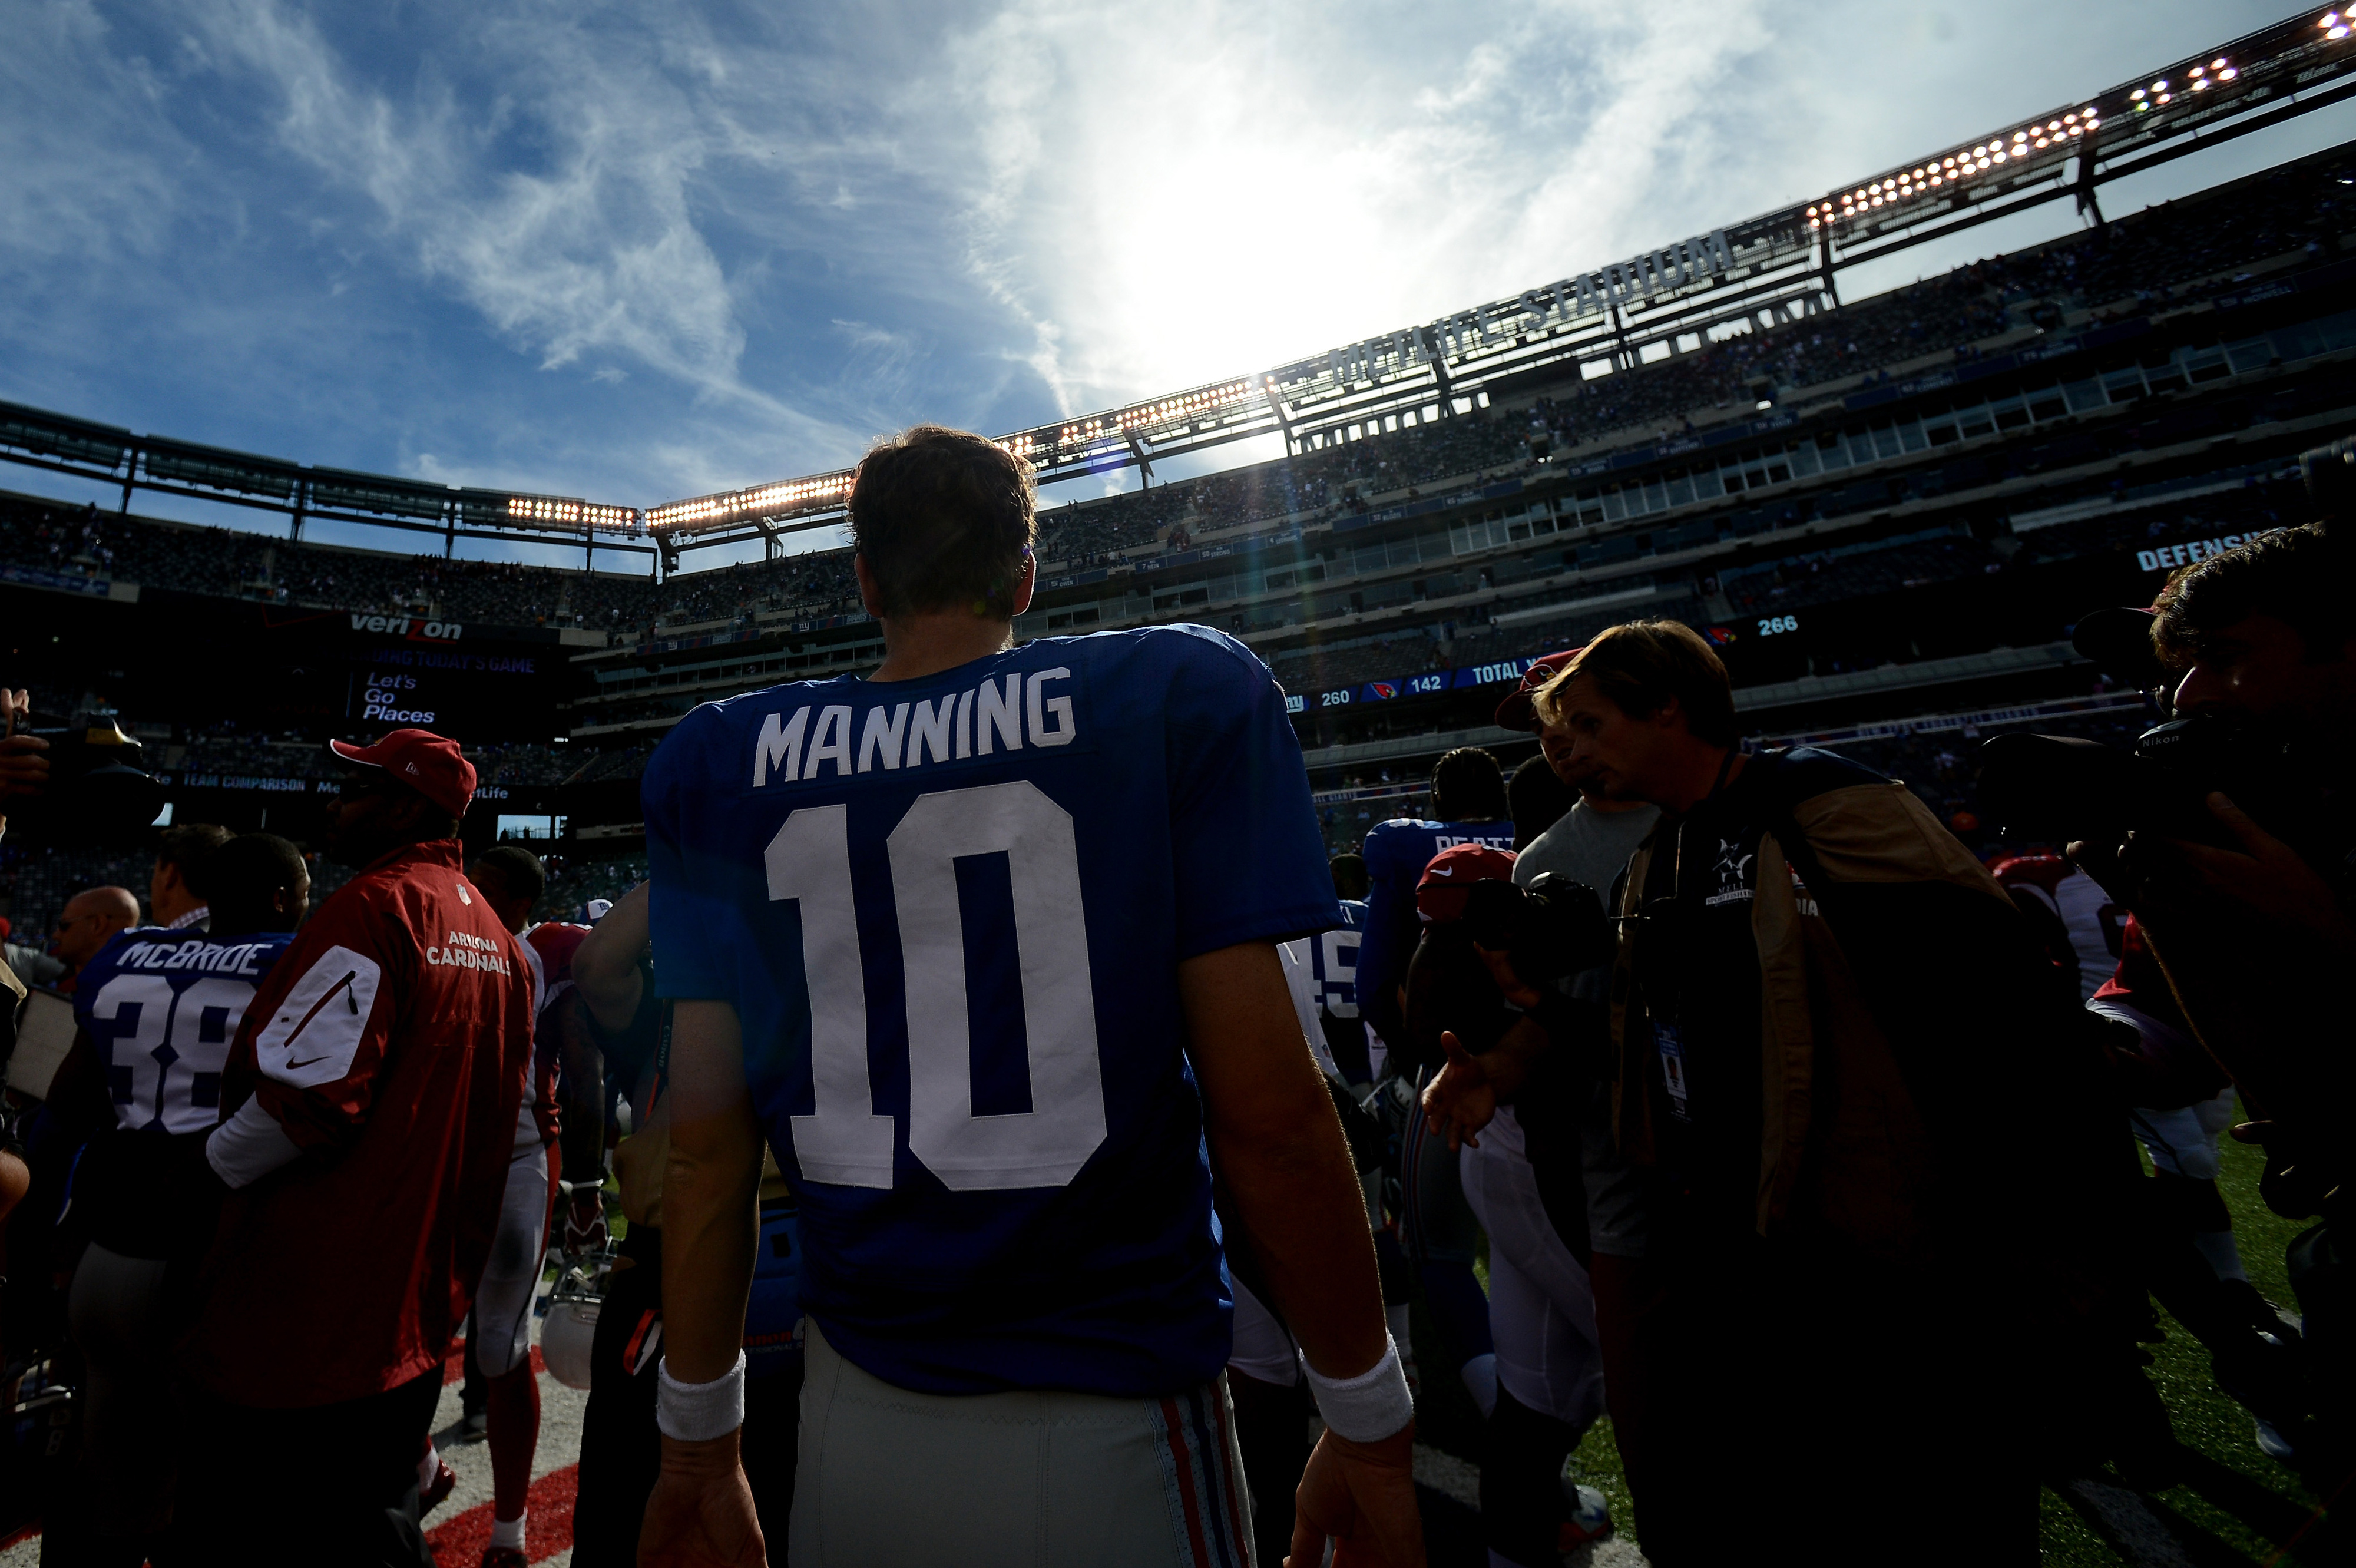 The Giants hope the sun hasn't already set on their season